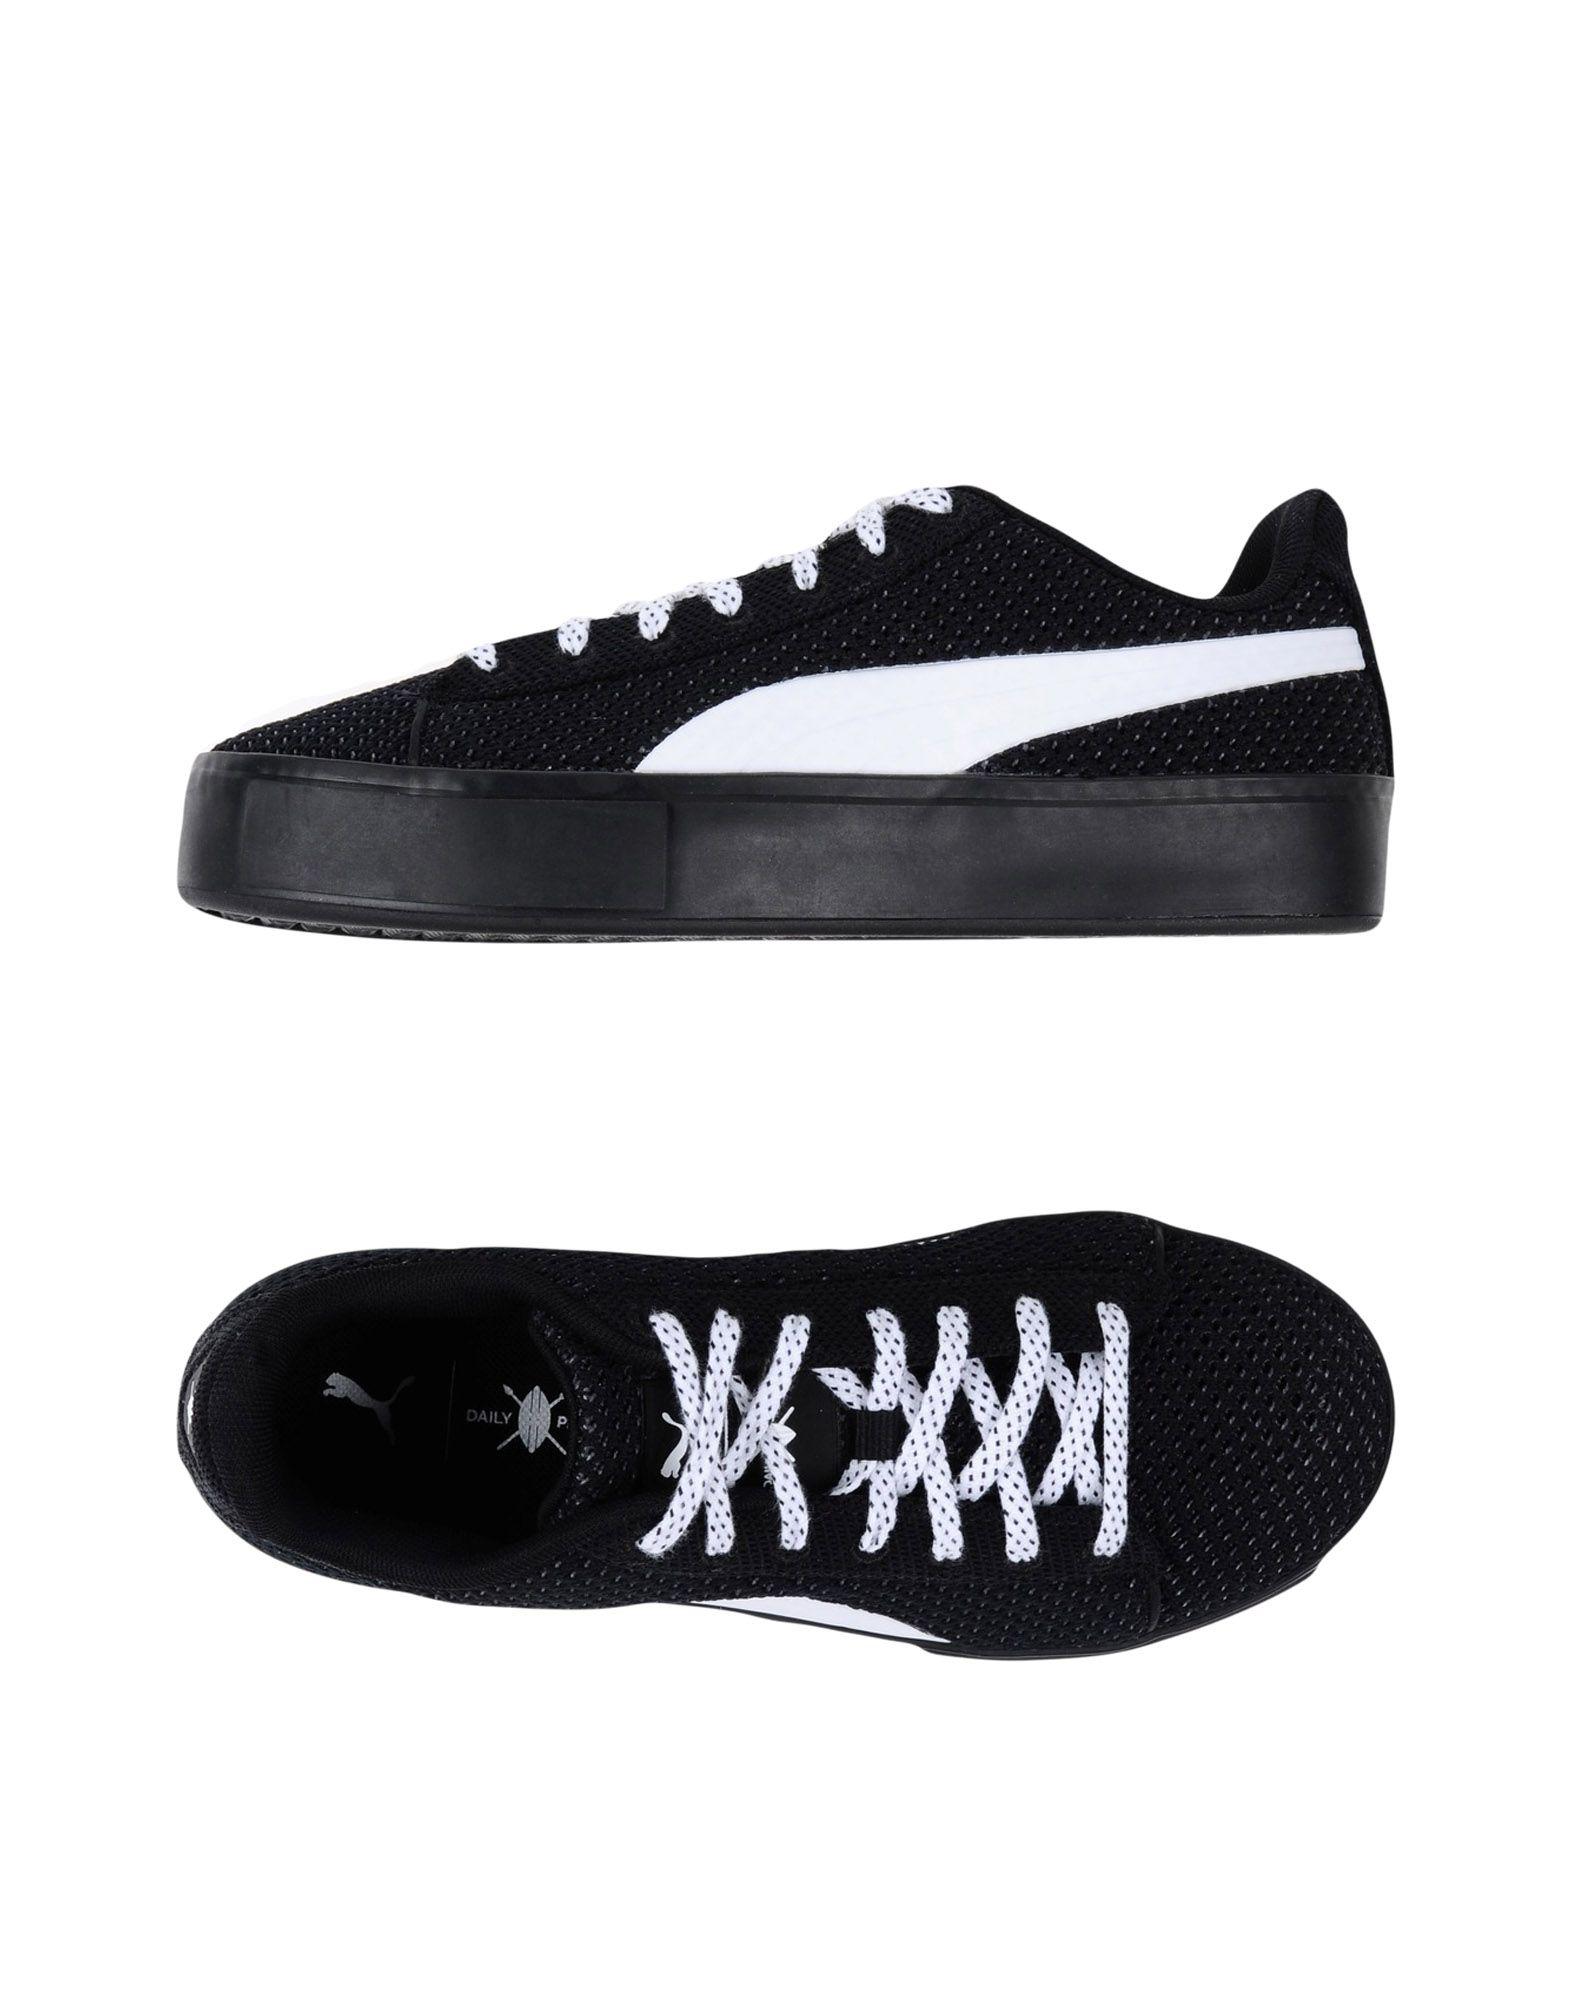 《送料無料》PUMA X DAILY PAPER メンズ スニーカー&テニスシューズ(ローカット) ブラック 4 紡績繊維